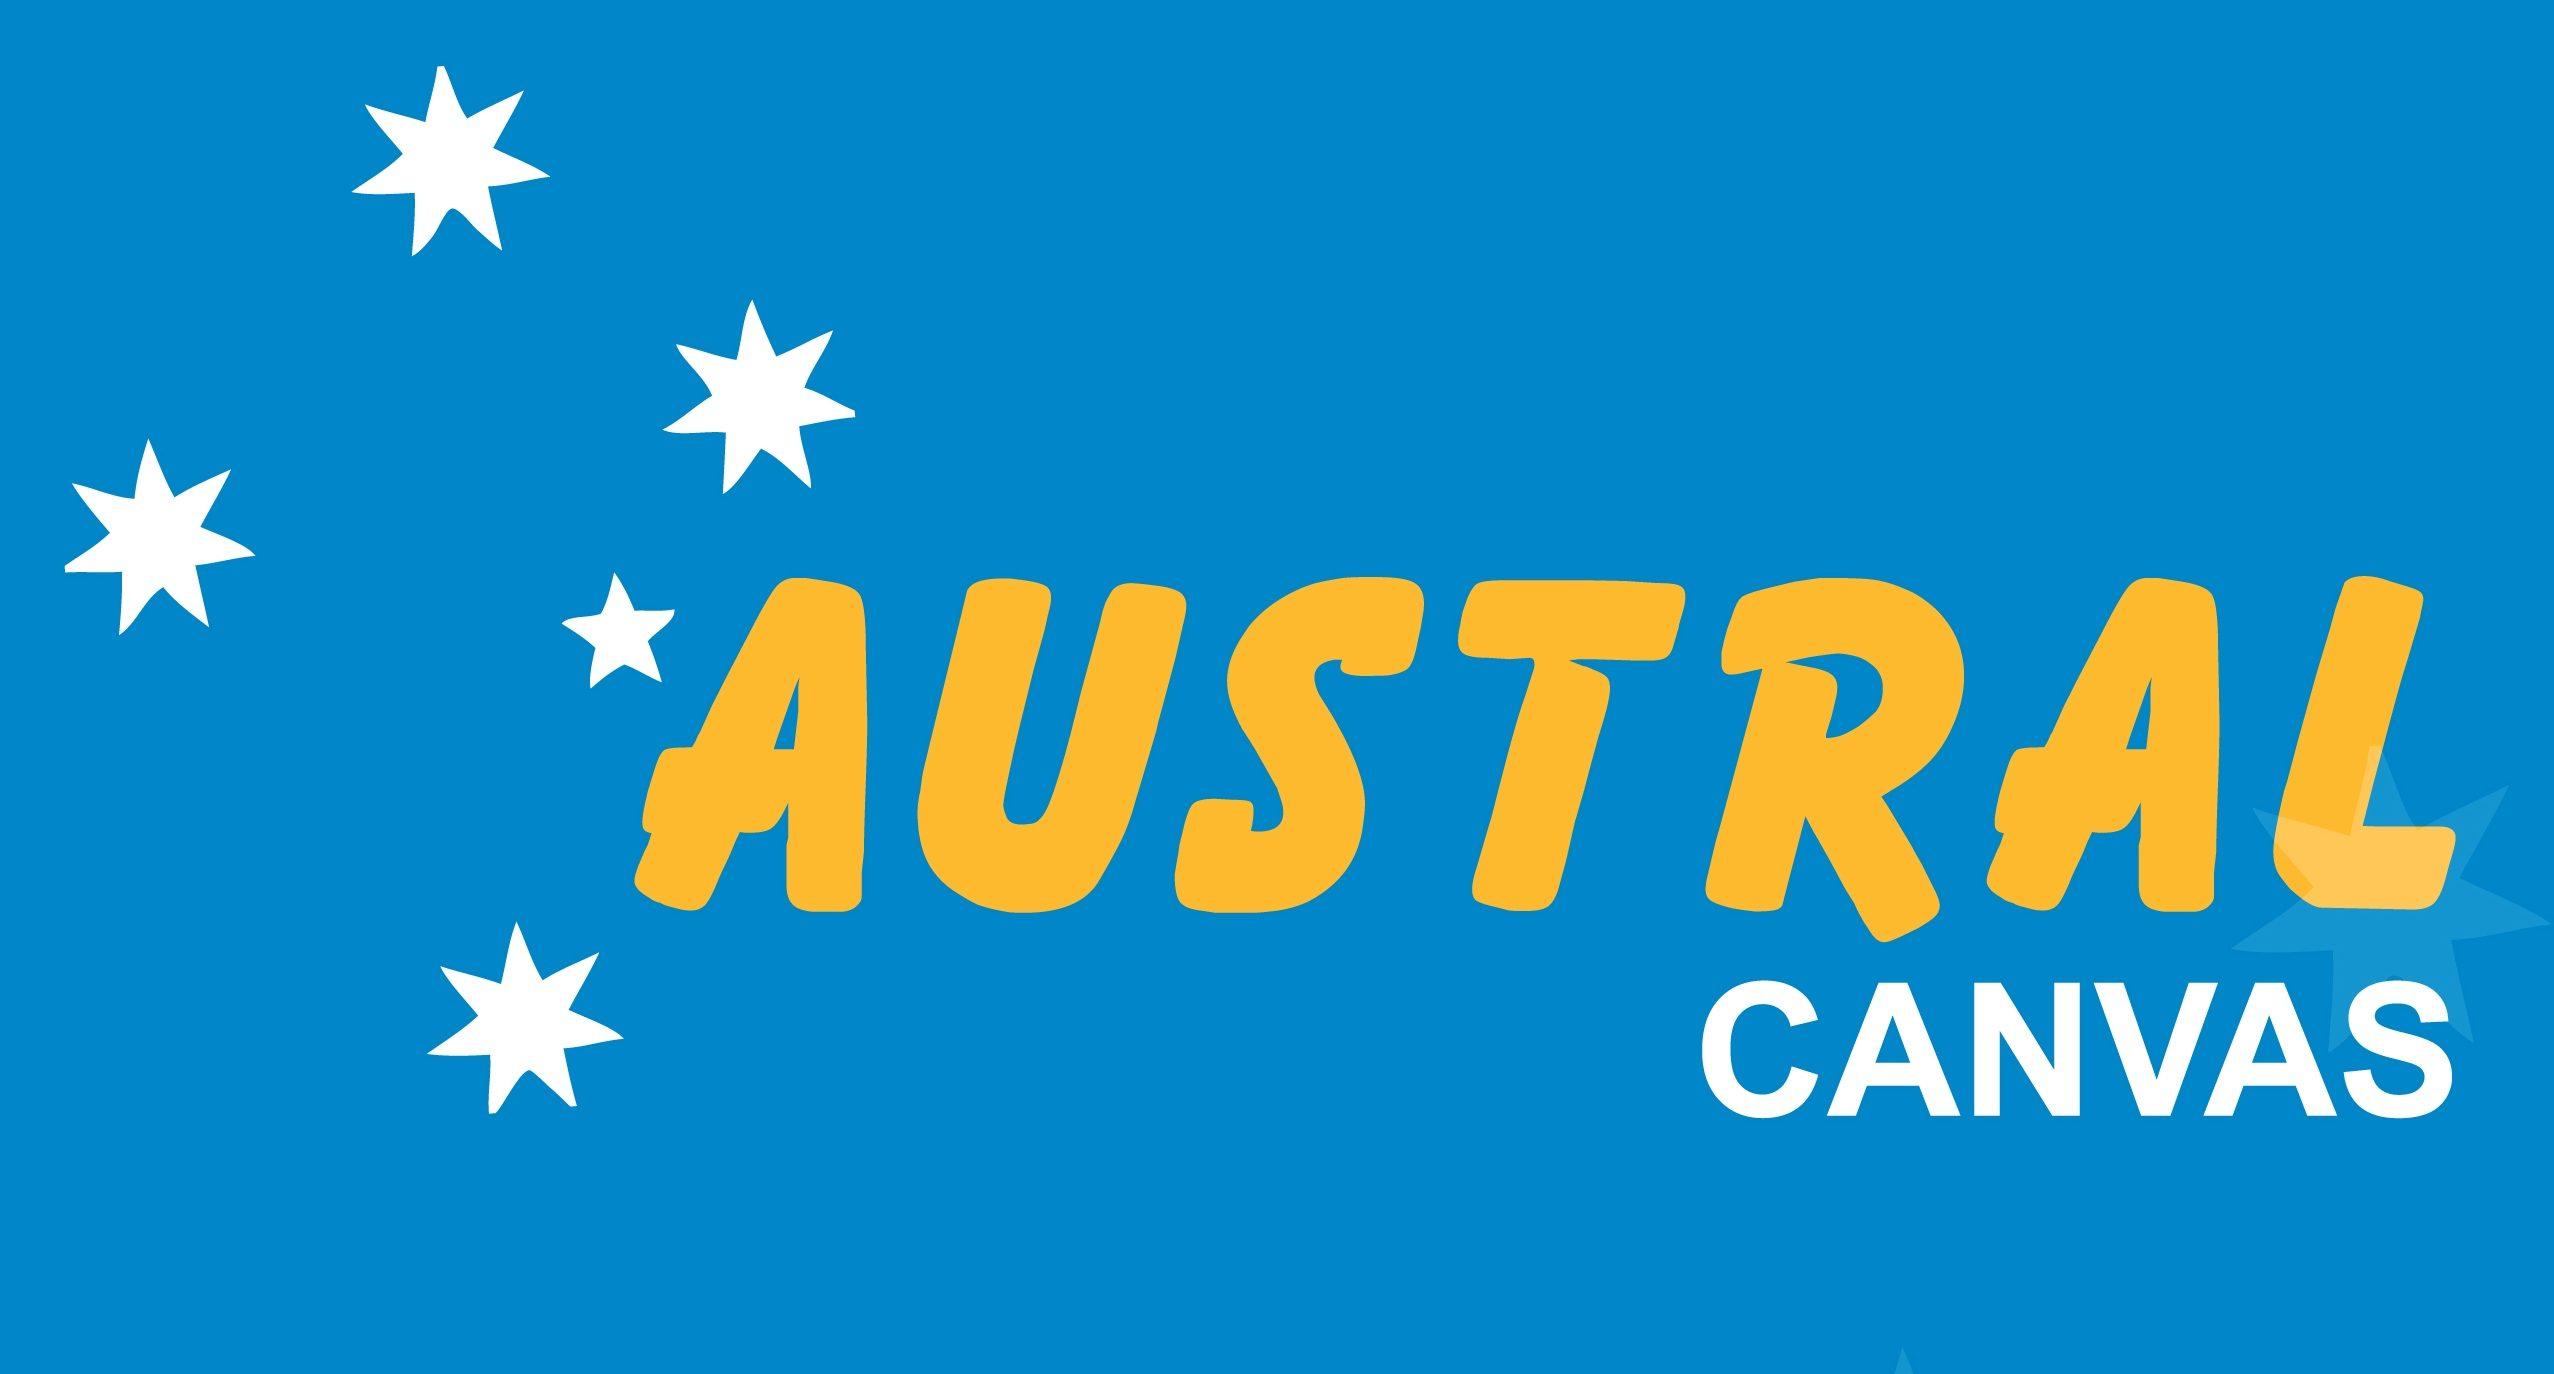 Austral Canvas